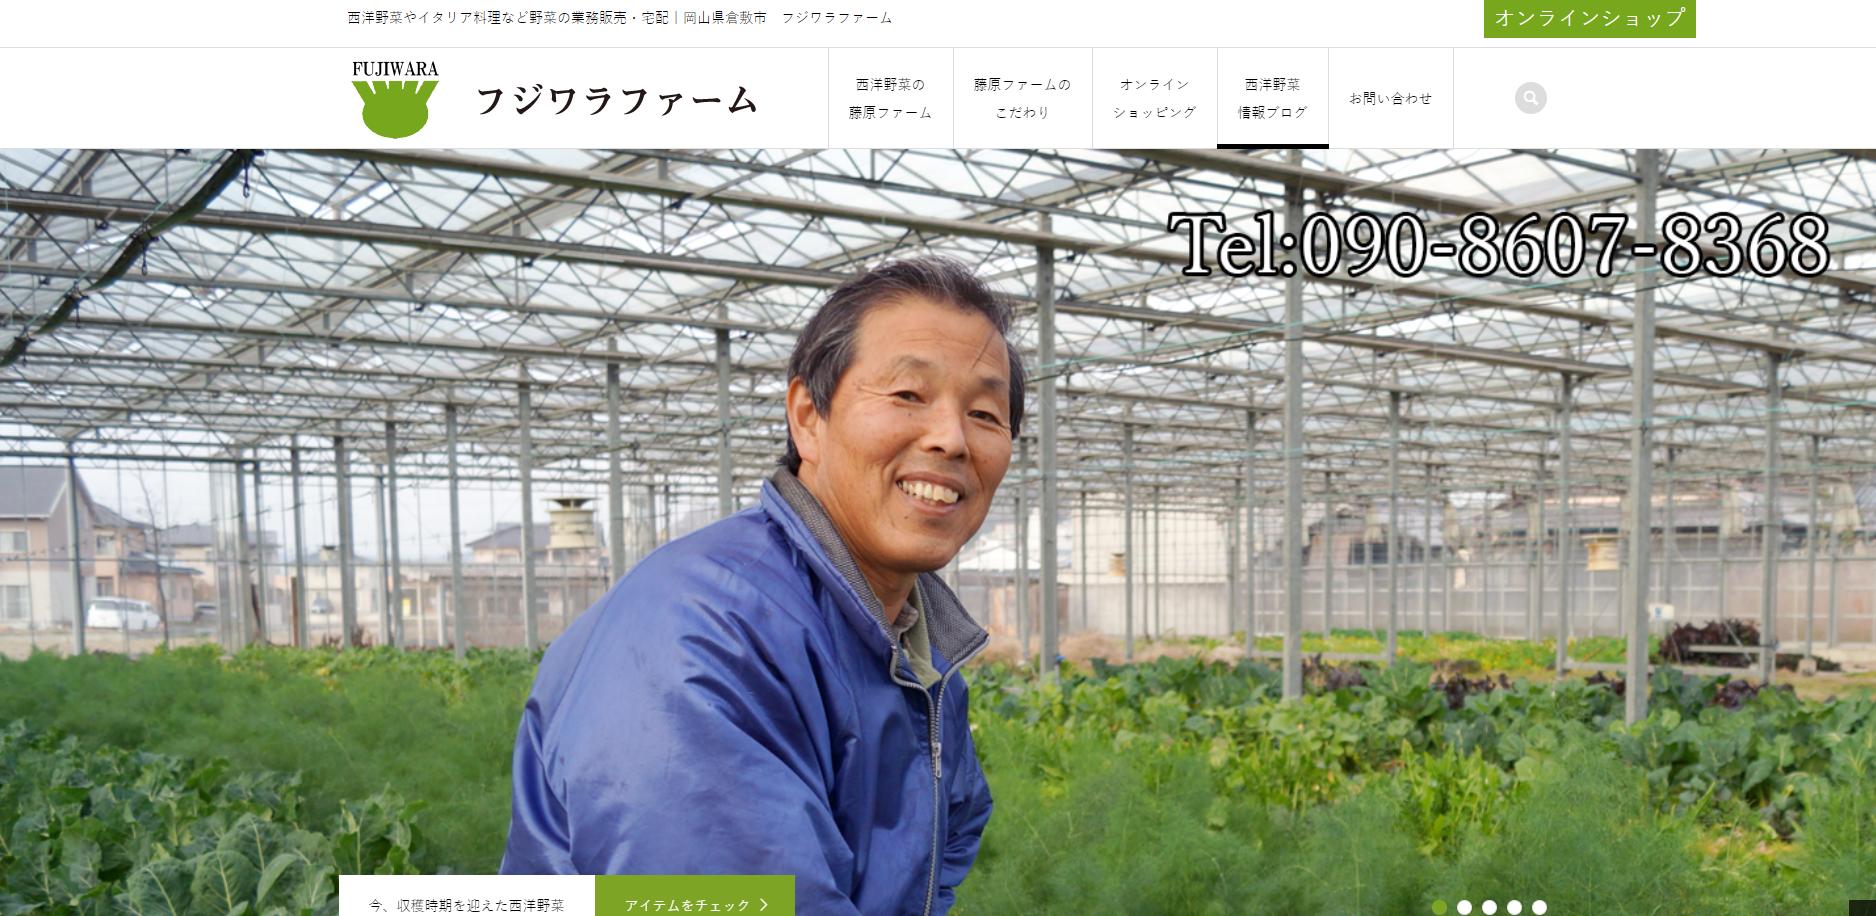 岡山県西洋野菜のフジワラファーム